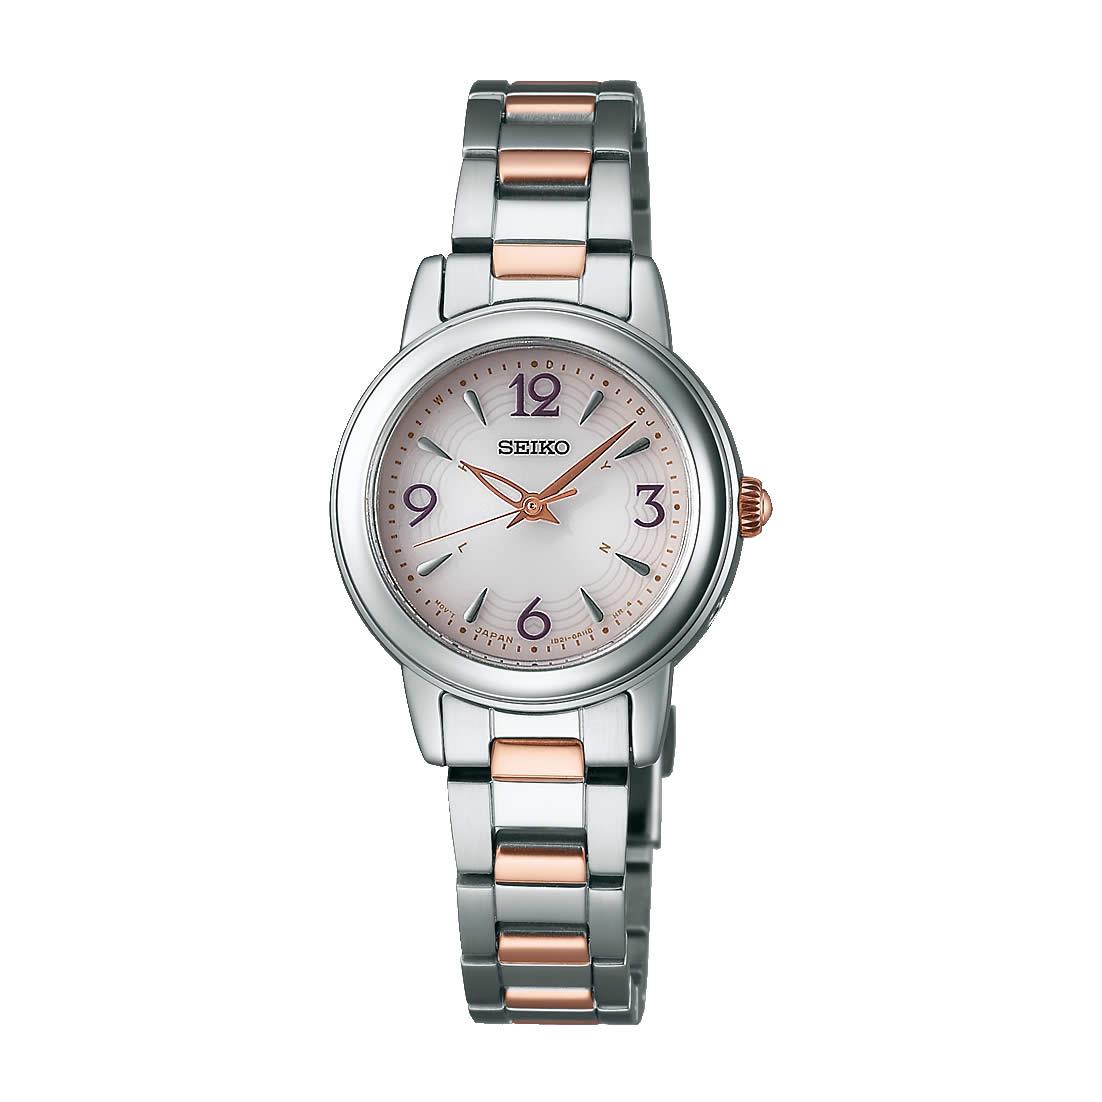 【送料無料】【国内正規品】セイコー ティセ 腕時計 ソーラー 電波 レディース SWFH019 SEIKO TISSE 電波ソーラー腕時計 ブレス 細身 華奢 シンプル 人気 うでどけい とけい WATCH 時計【取り寄せ】